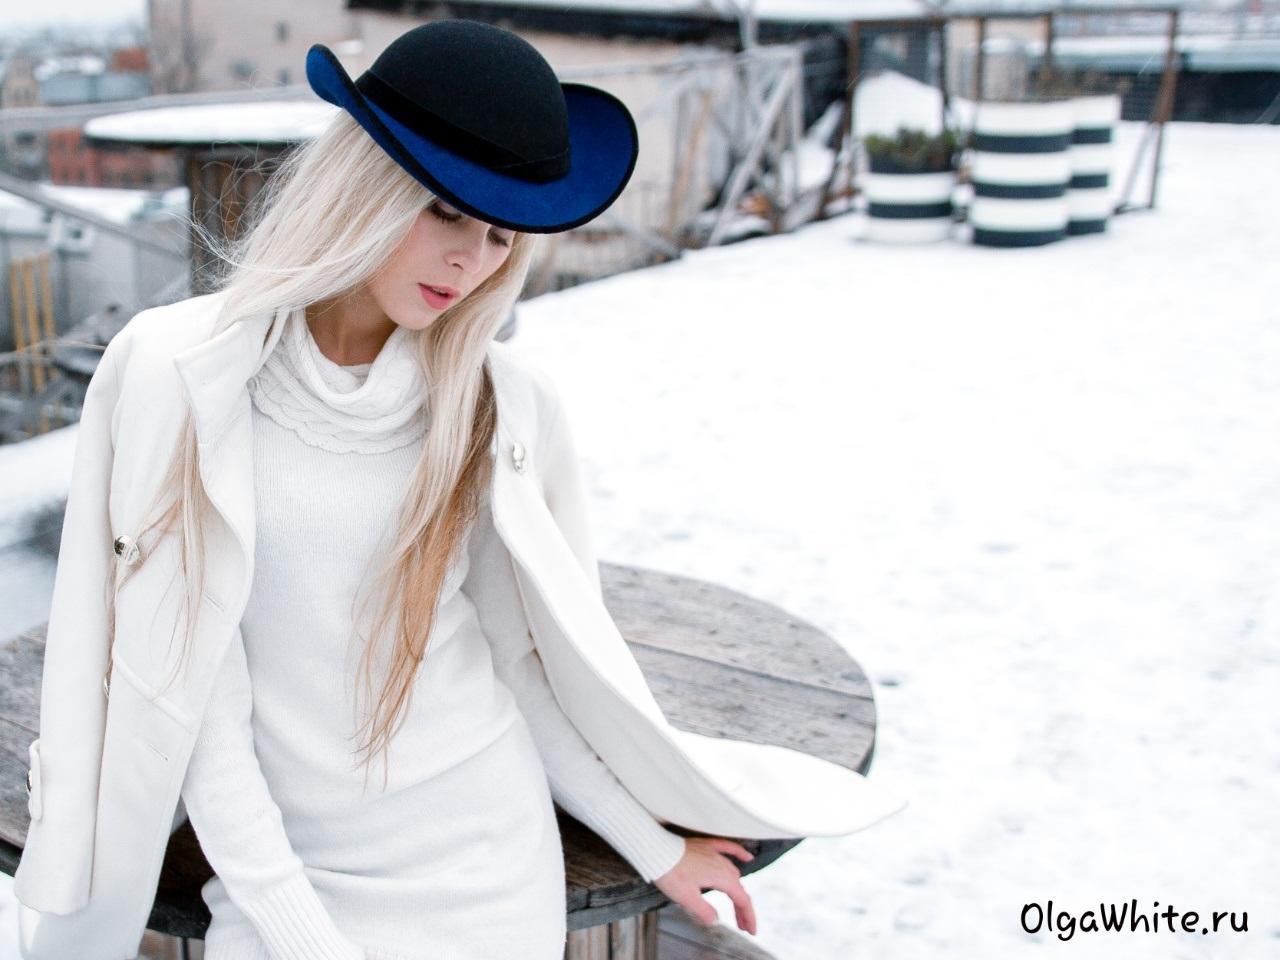 Фото блондинок в одежде сзади 5 фотография